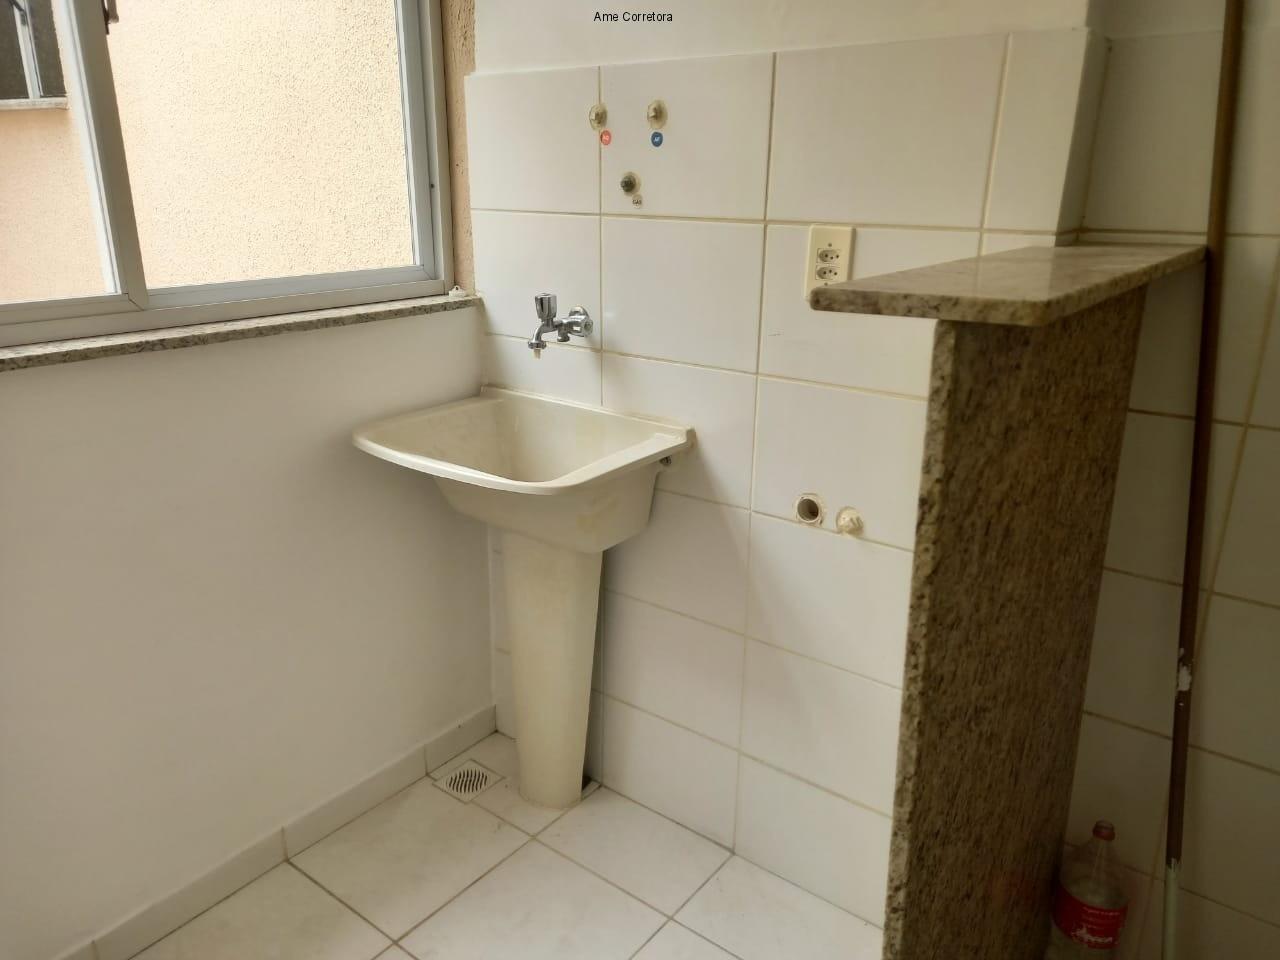 FOTO 12 - Apartamento 2 quartos para alugar Rio de Janeiro,RJ - R$ 1.200 - AP00439 - 12